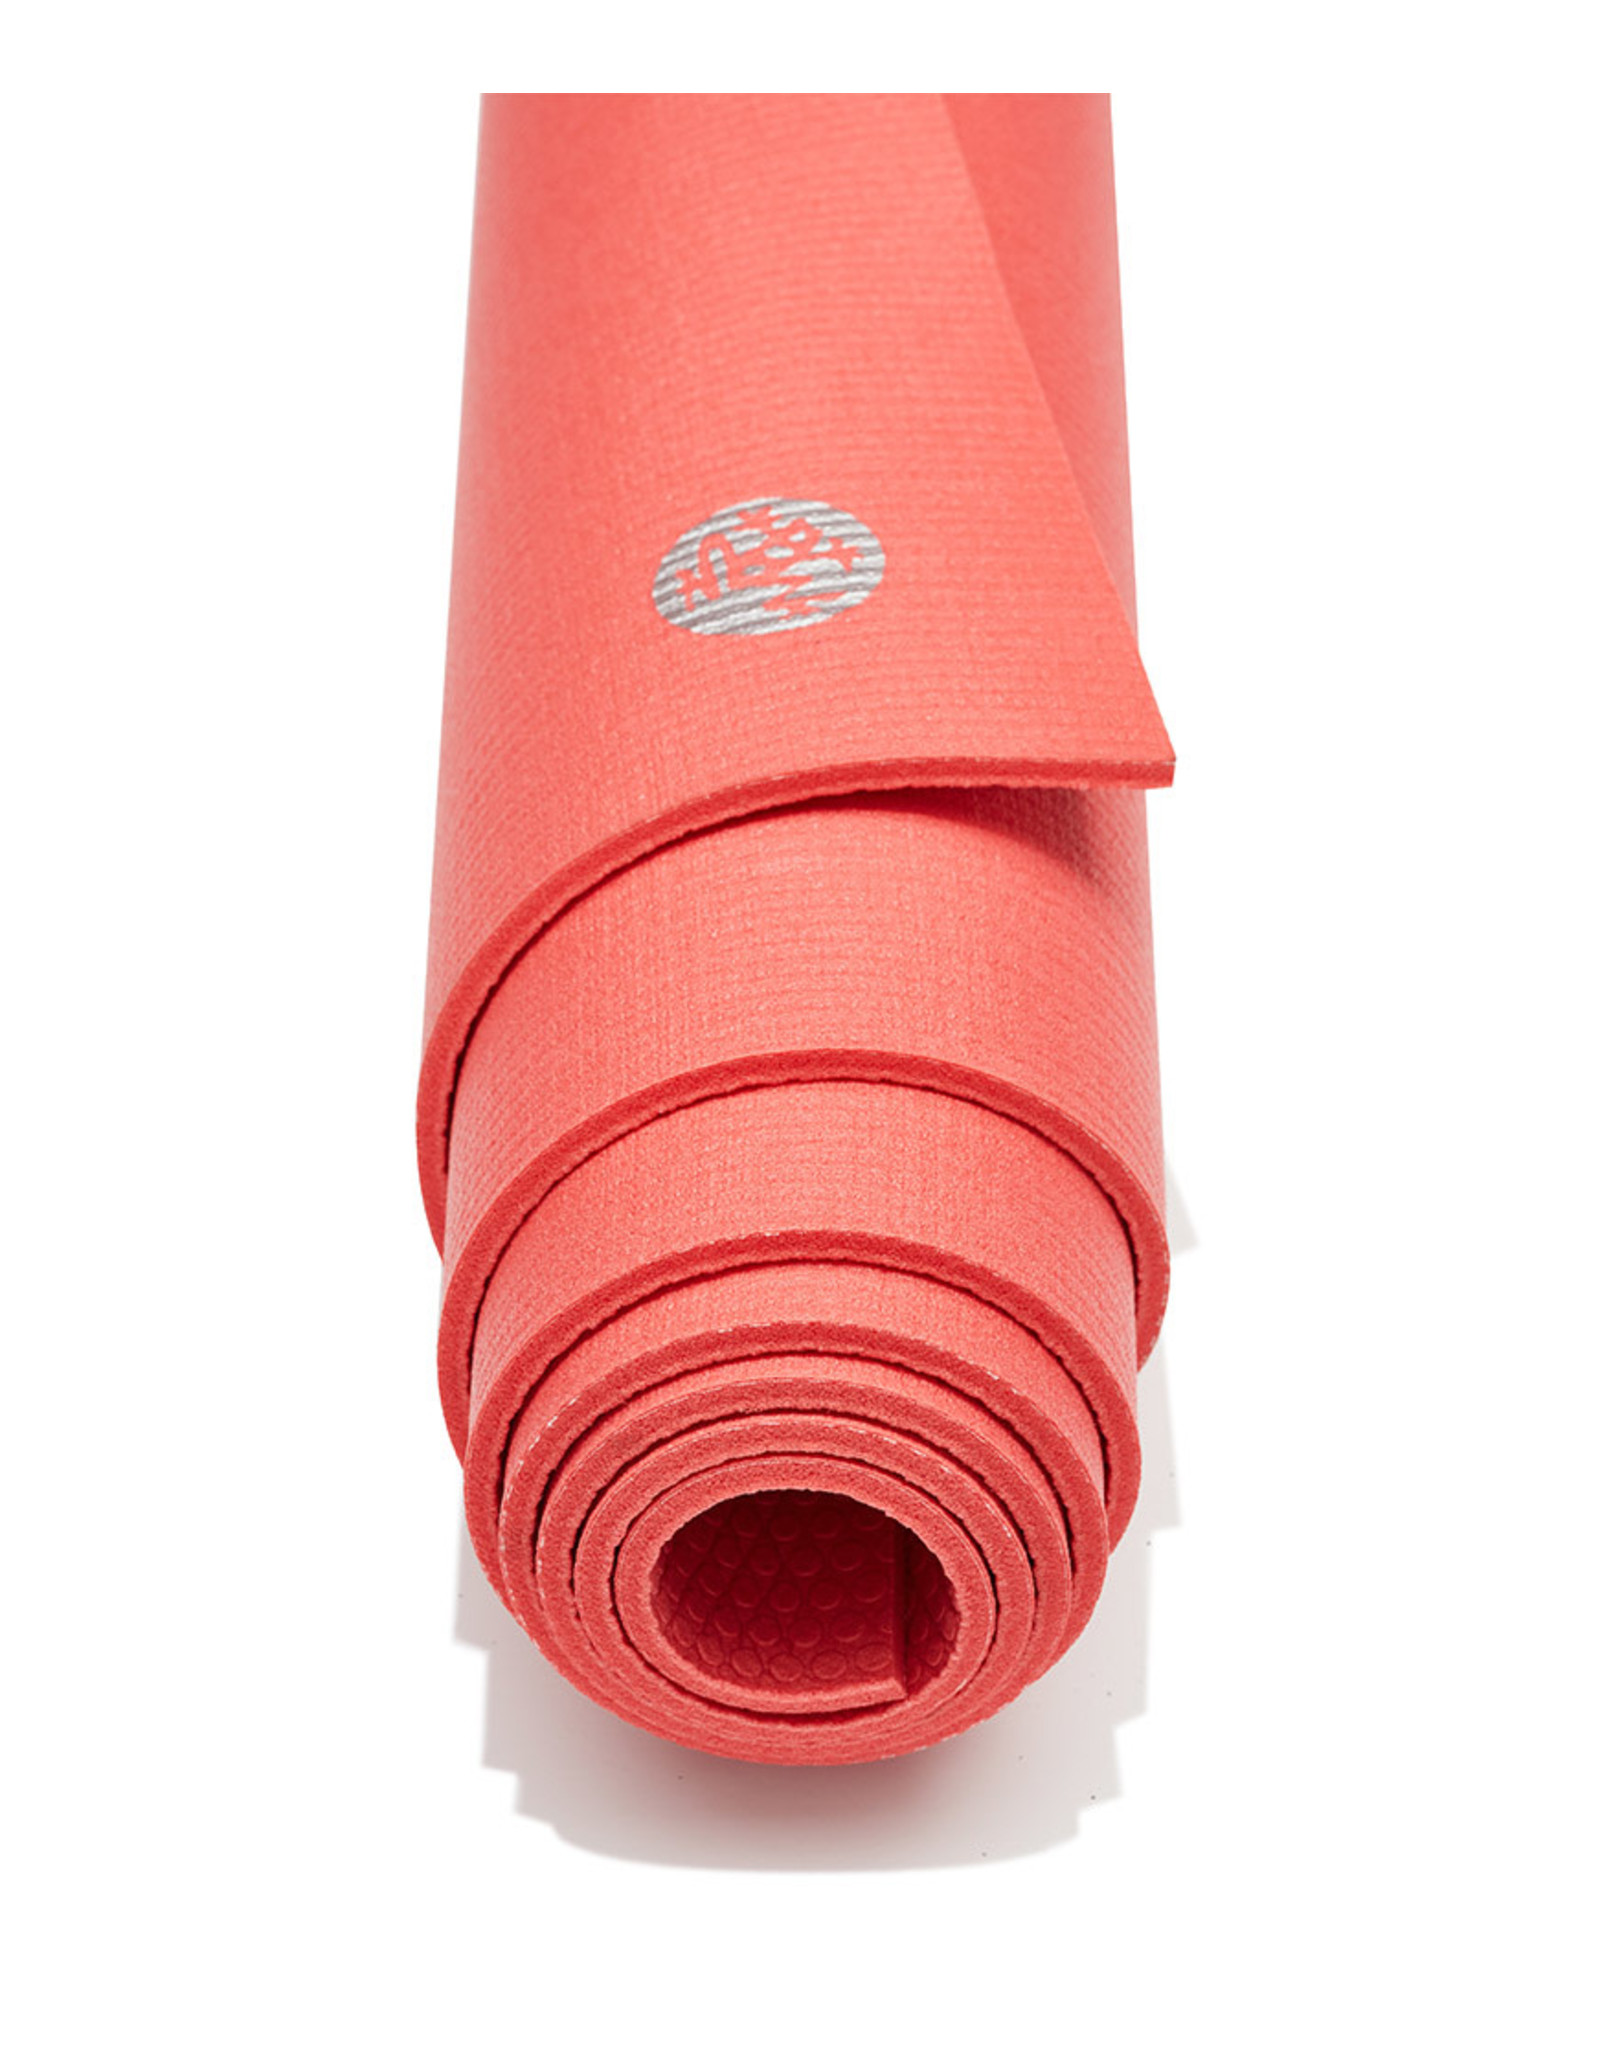 Manduka PRO Lite Mat 71/Deep Coral 4.7mm